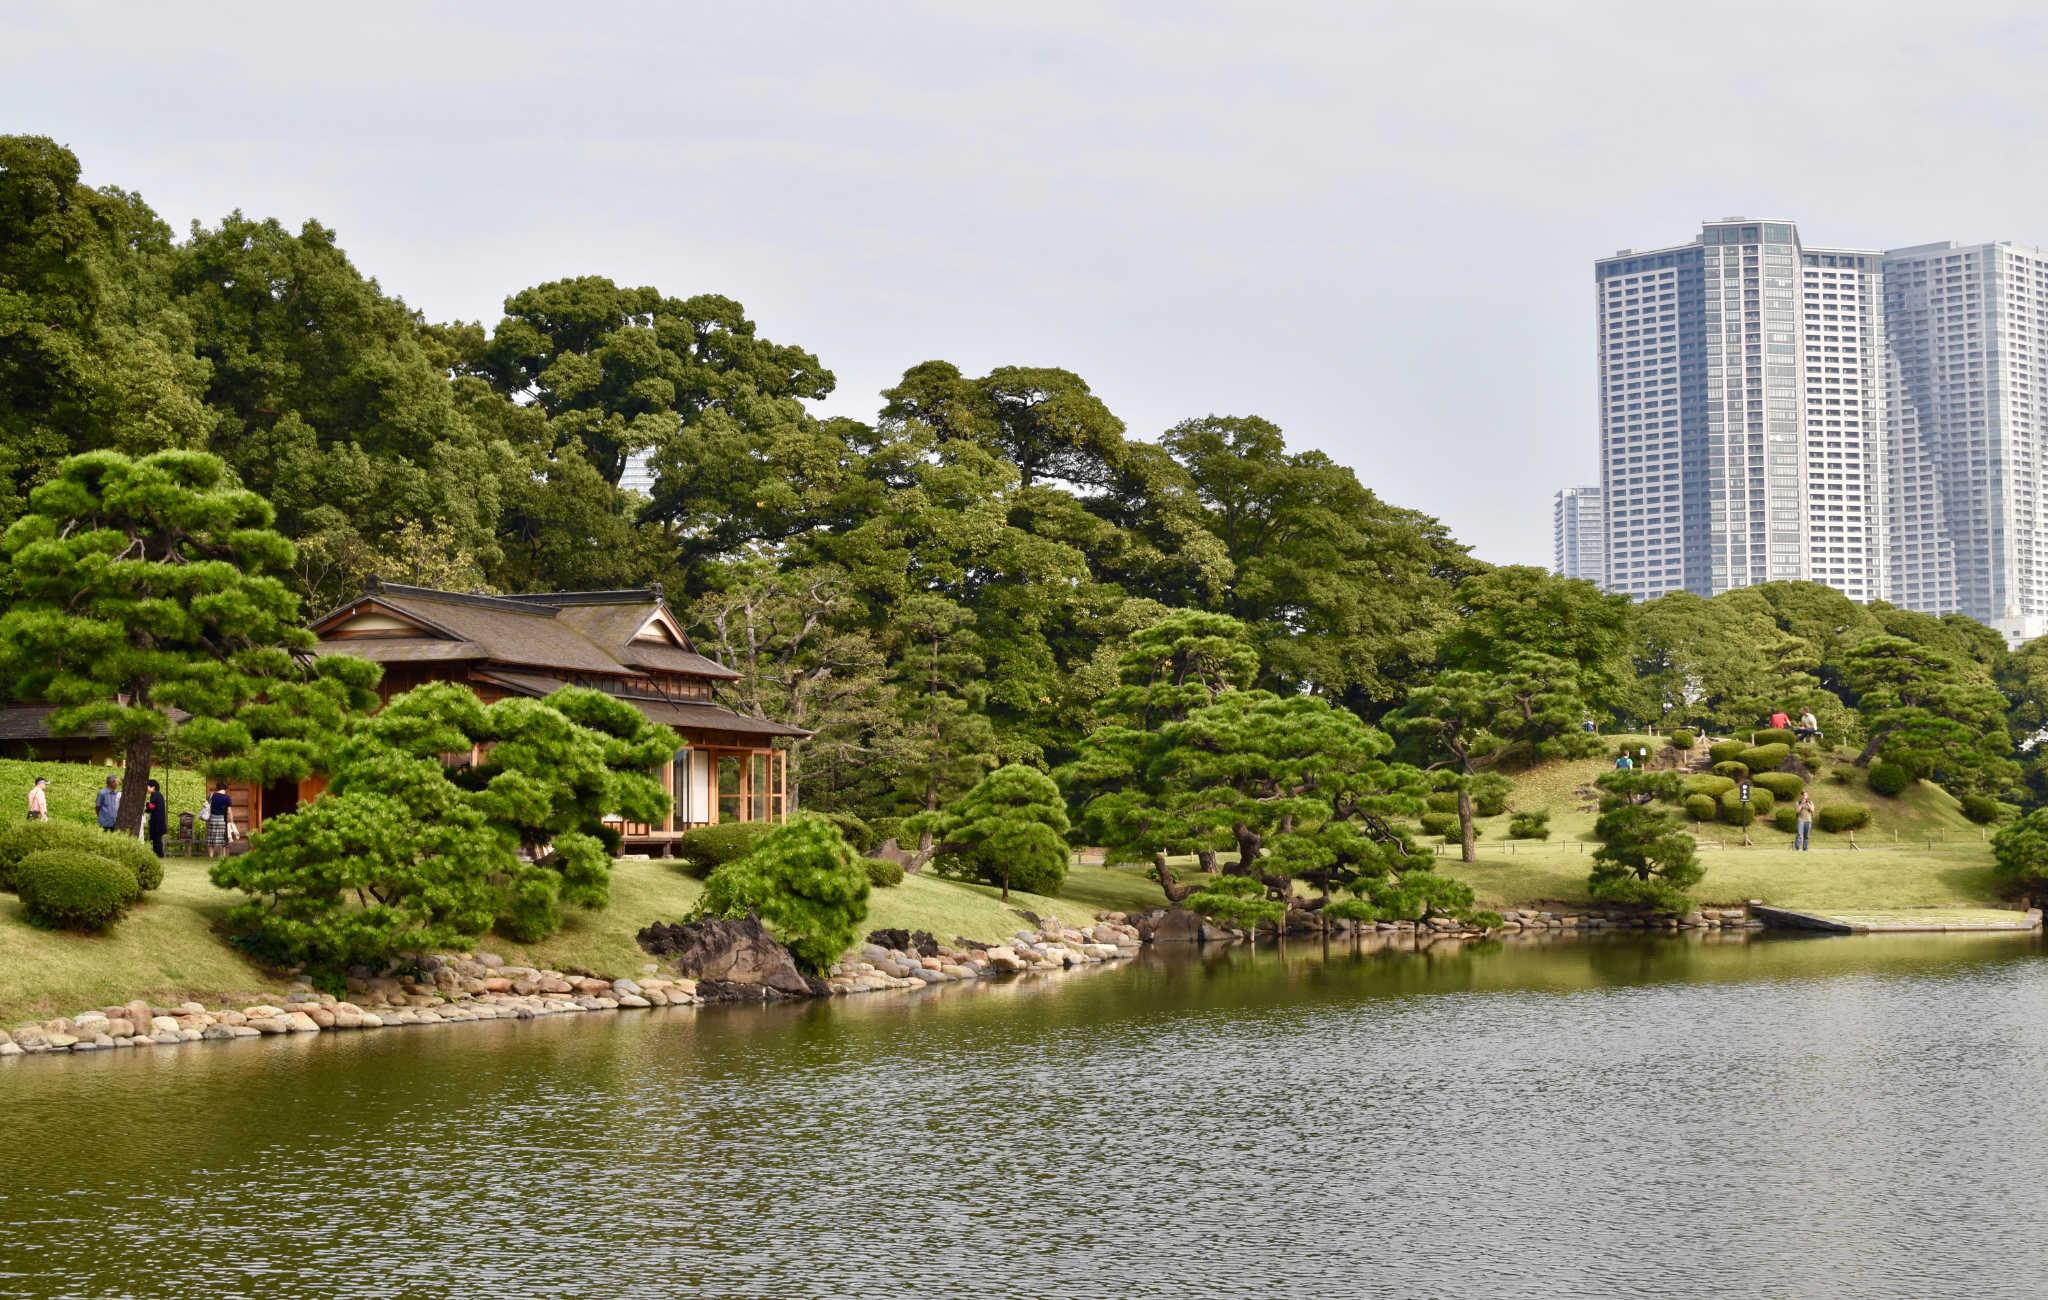 Hama Rikyu est un havre de verdure au milieu des gratte-ciels